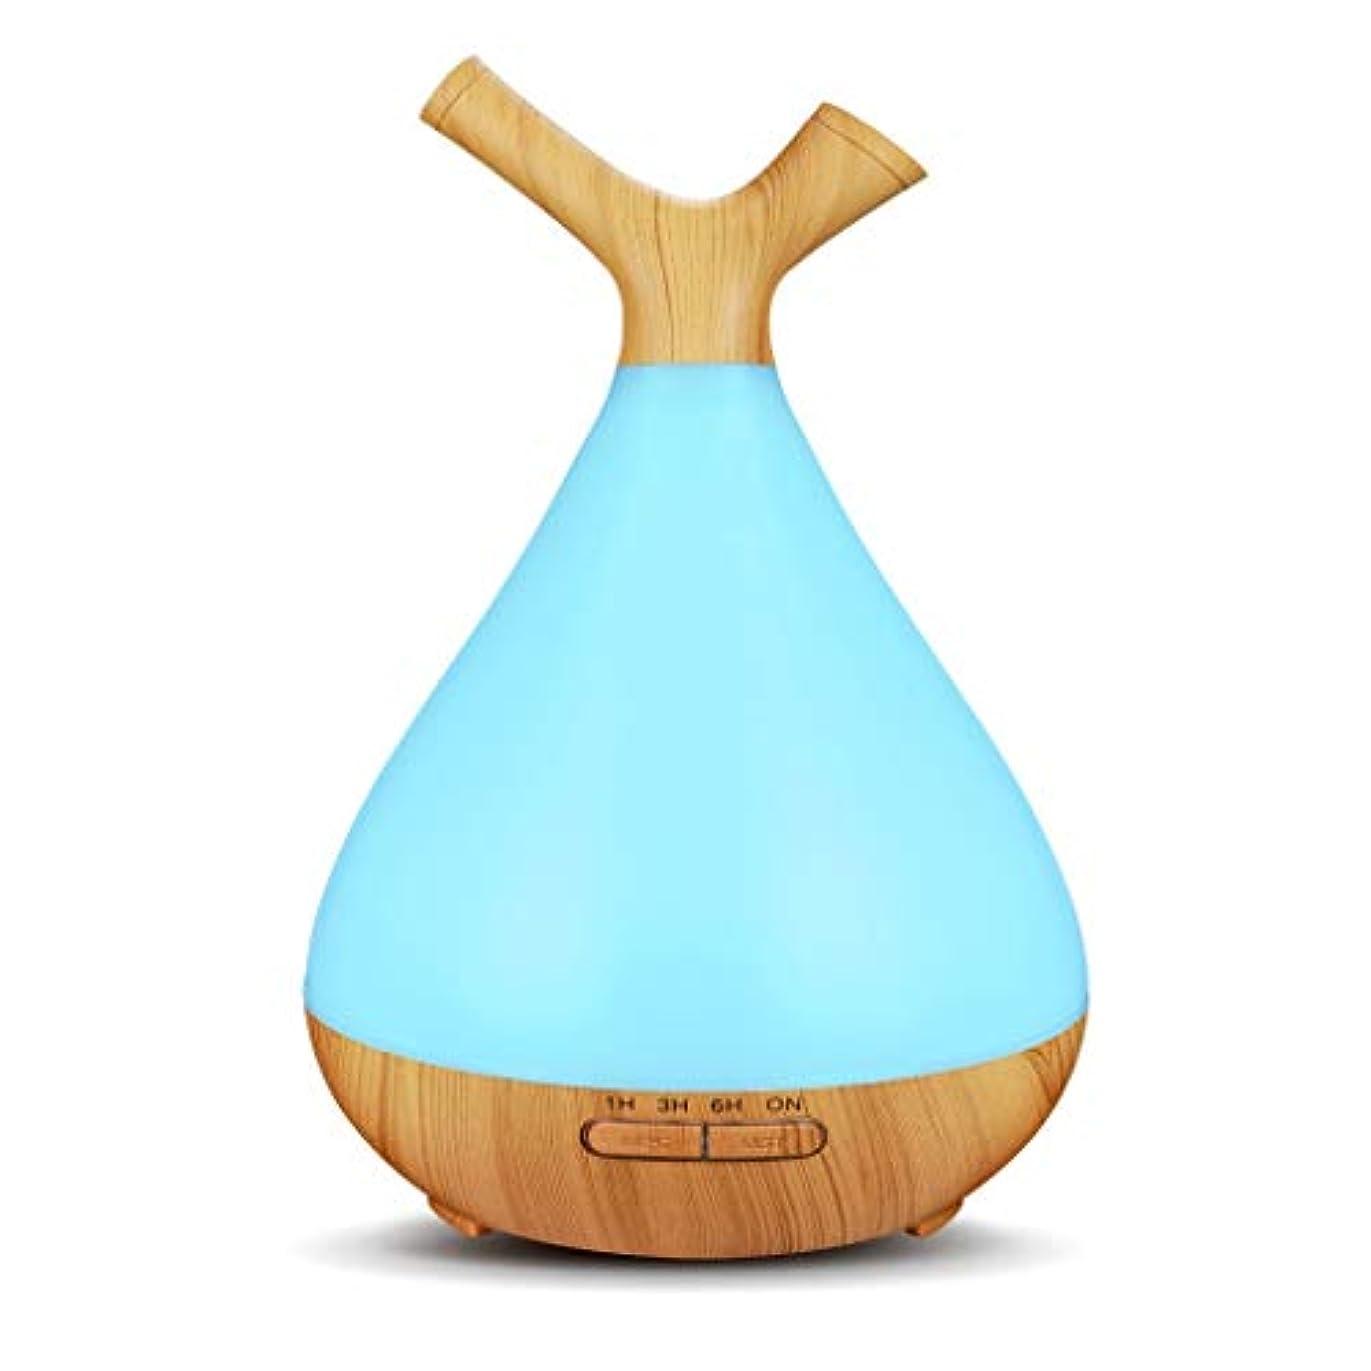 啓発する常習的論文必須の拡散器の木製の穀物、居間の研究の寝室のオフィスのためのCoolClassic 400mlの木のタイプ加湿器、小さくそして絶妙な空気清浄器、 (Color : Light wood grain)